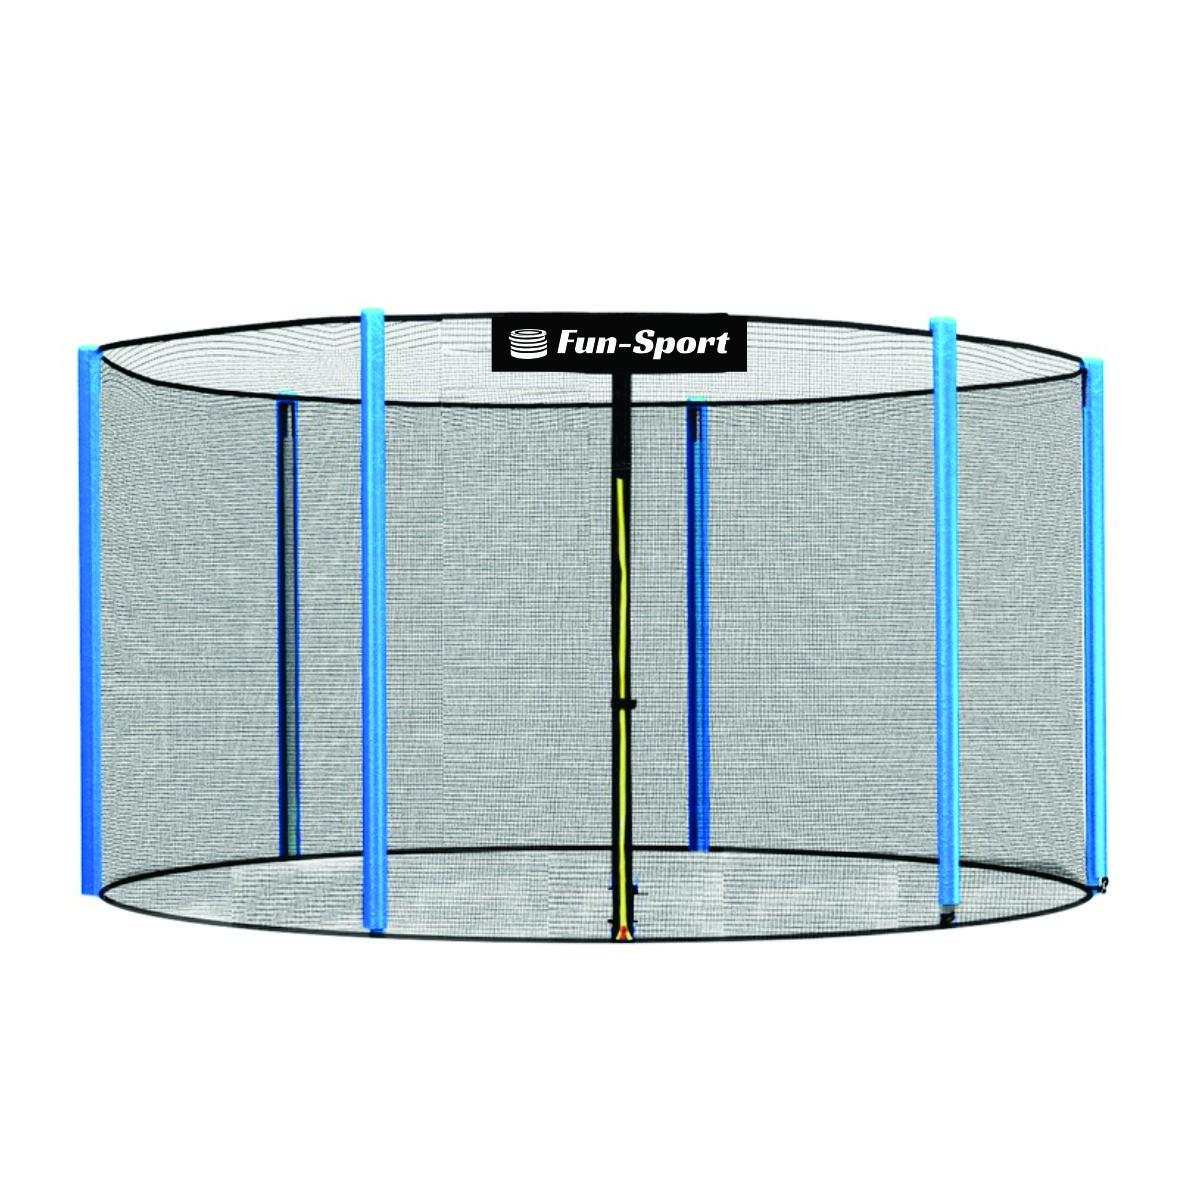 Plasă de siguranță exterioară pentru tranbulină Fun Sport 312cm